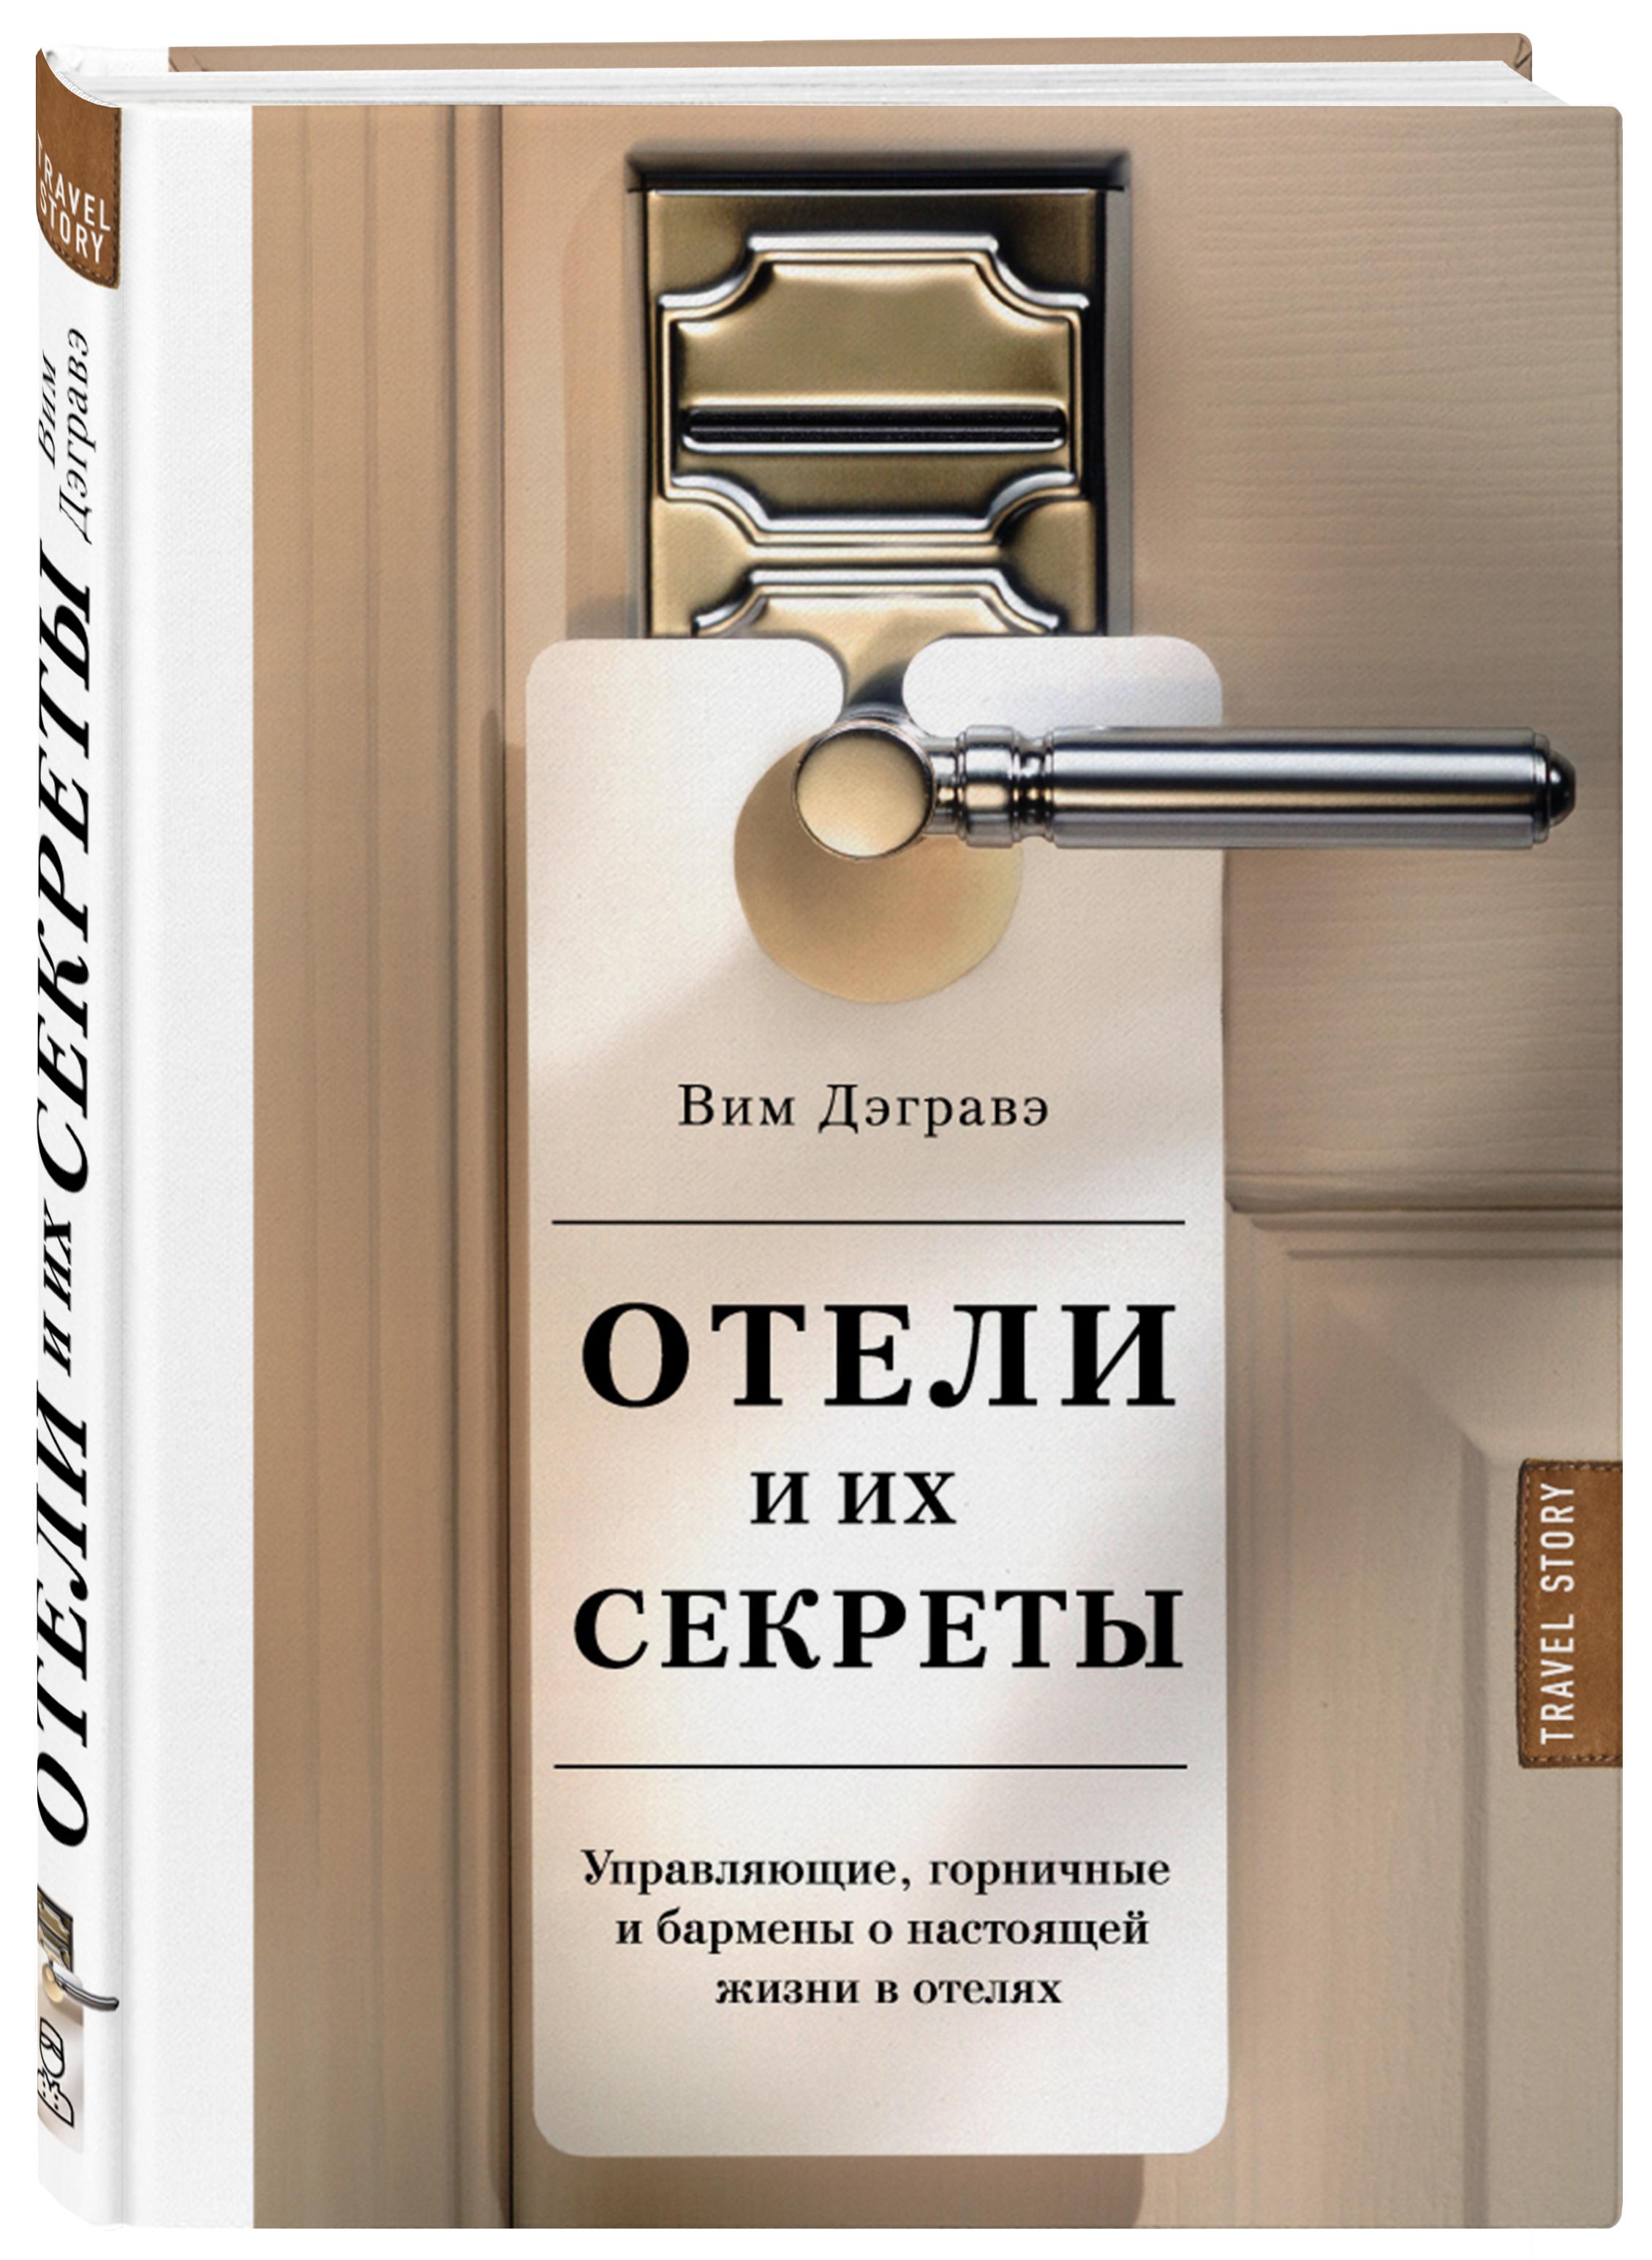 Отели и их секреты. Управляющие, горничные и бармены о настоящей жизни в отелях ( Дэгравэ В.  )